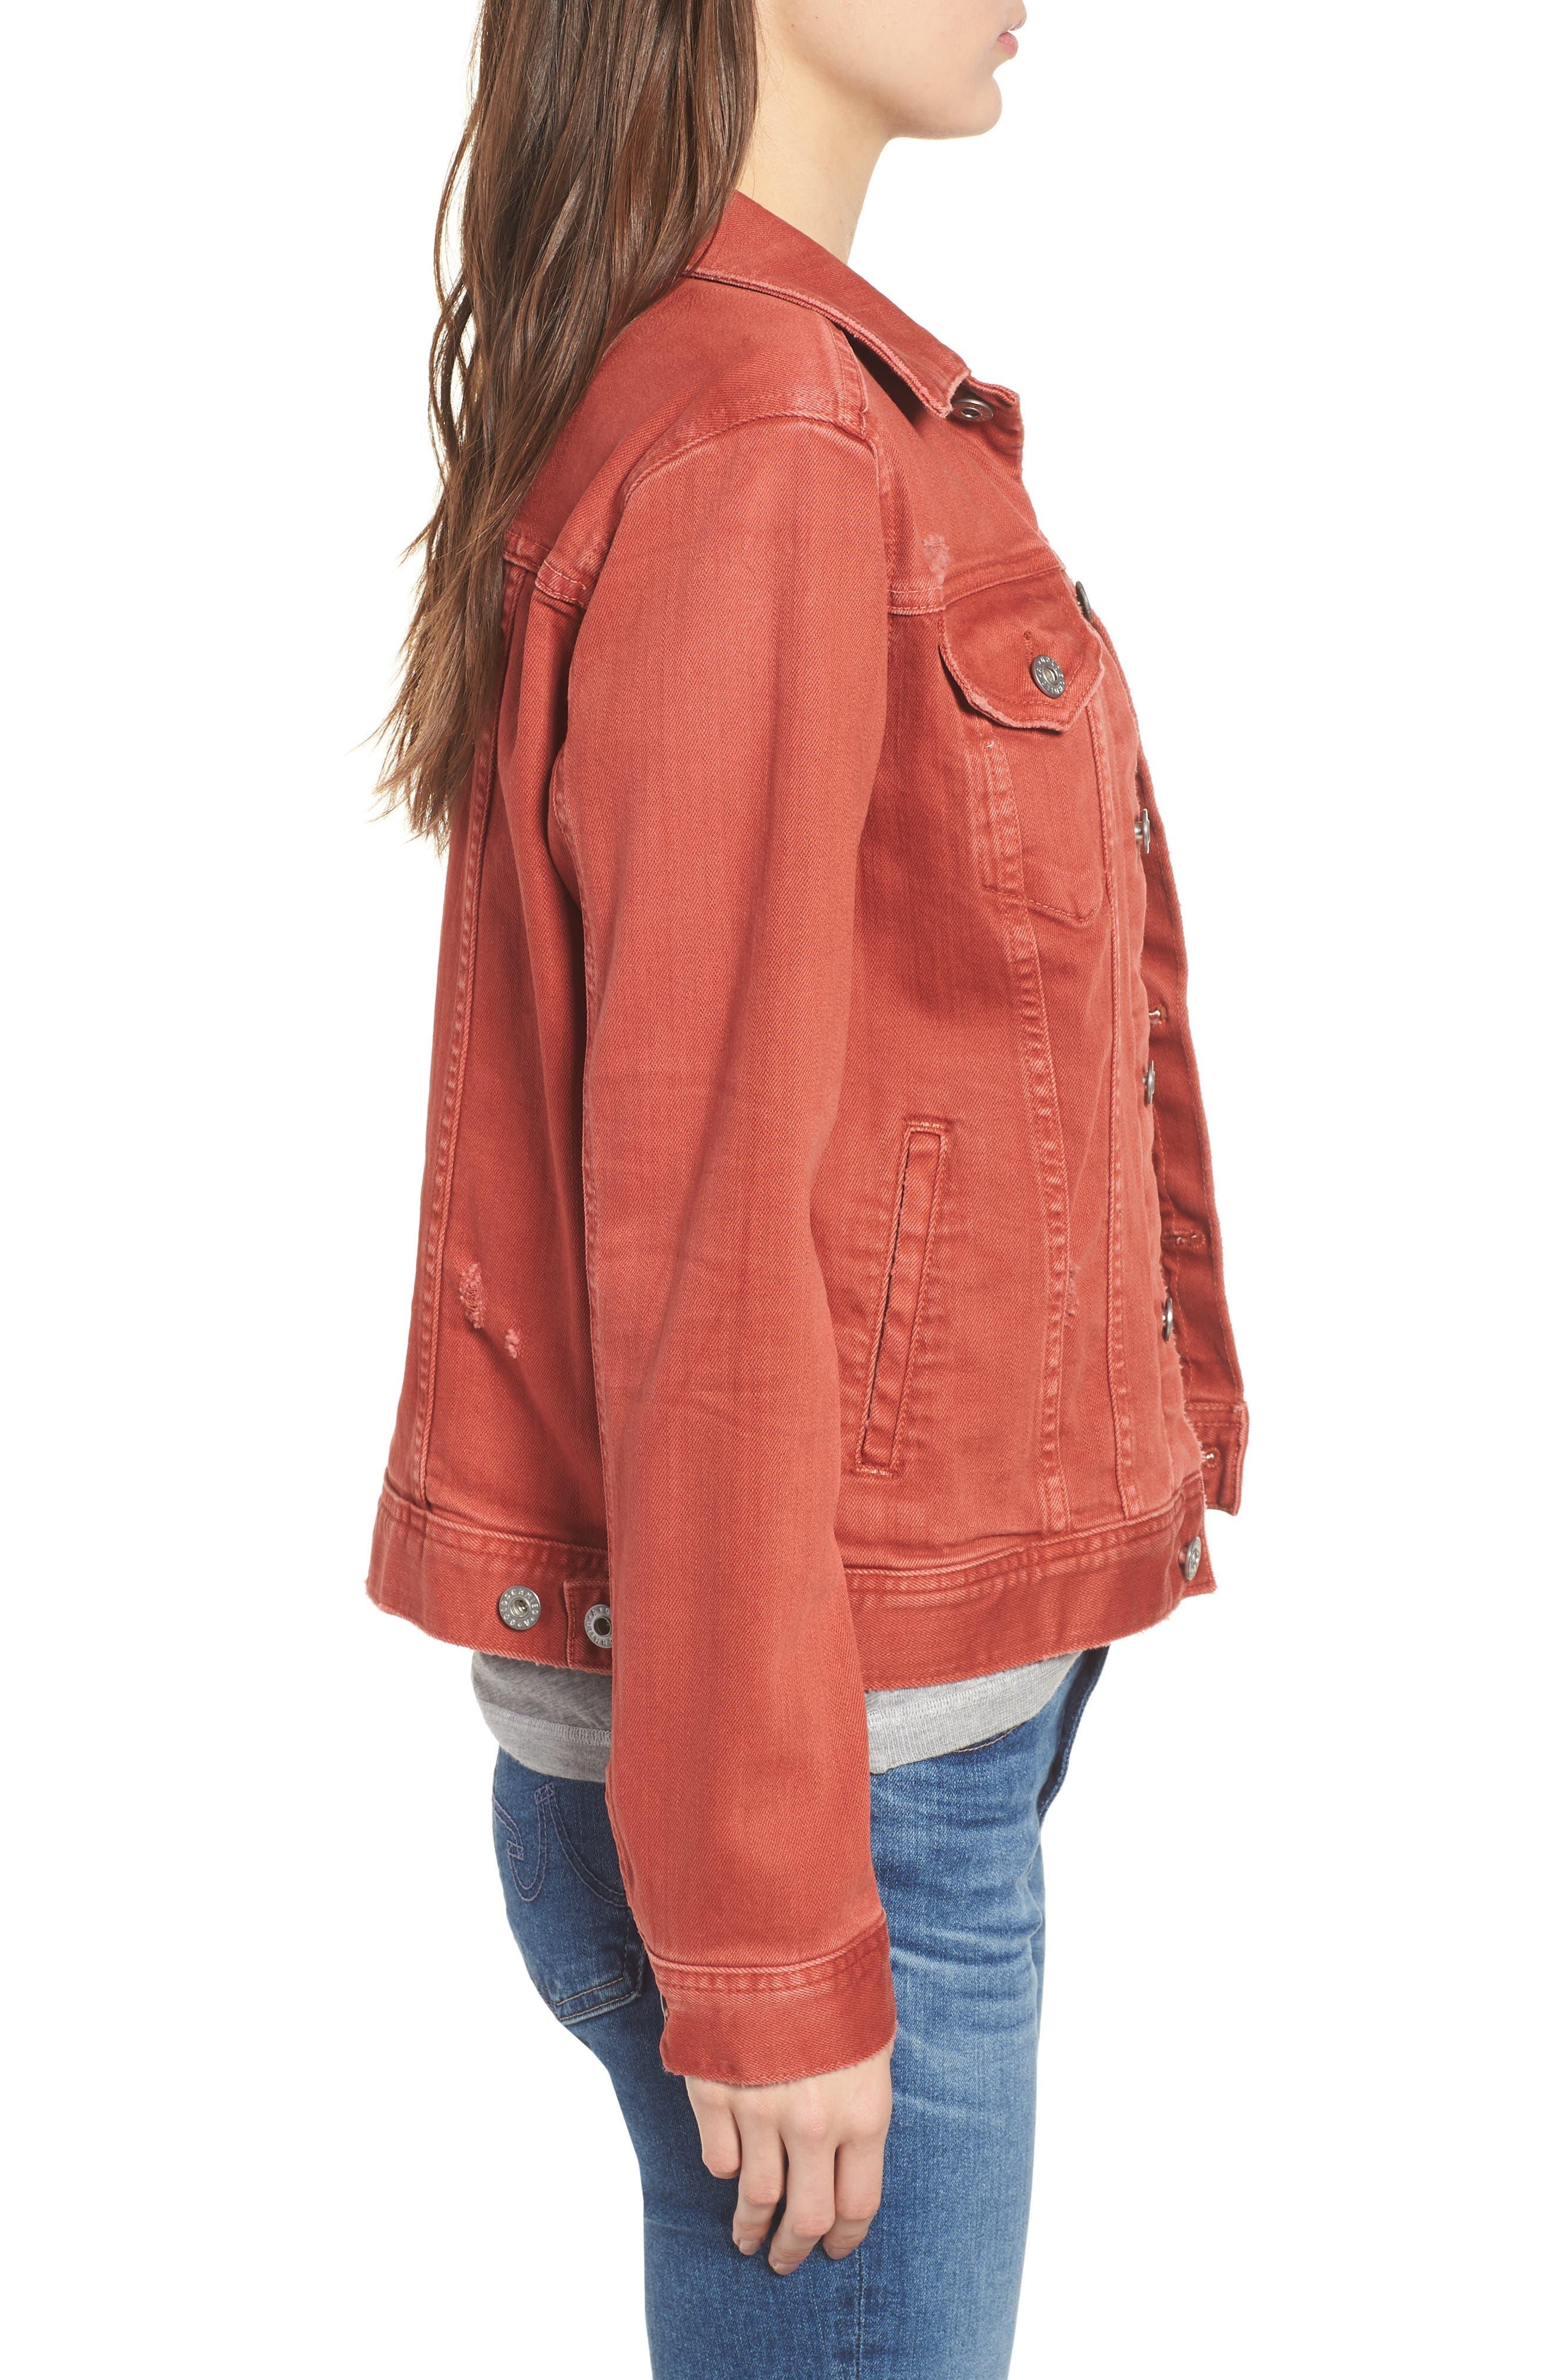 Mya Denim Jacket,                             Alternate thumbnail 3, color,                             10 Years Remedy Firebrick